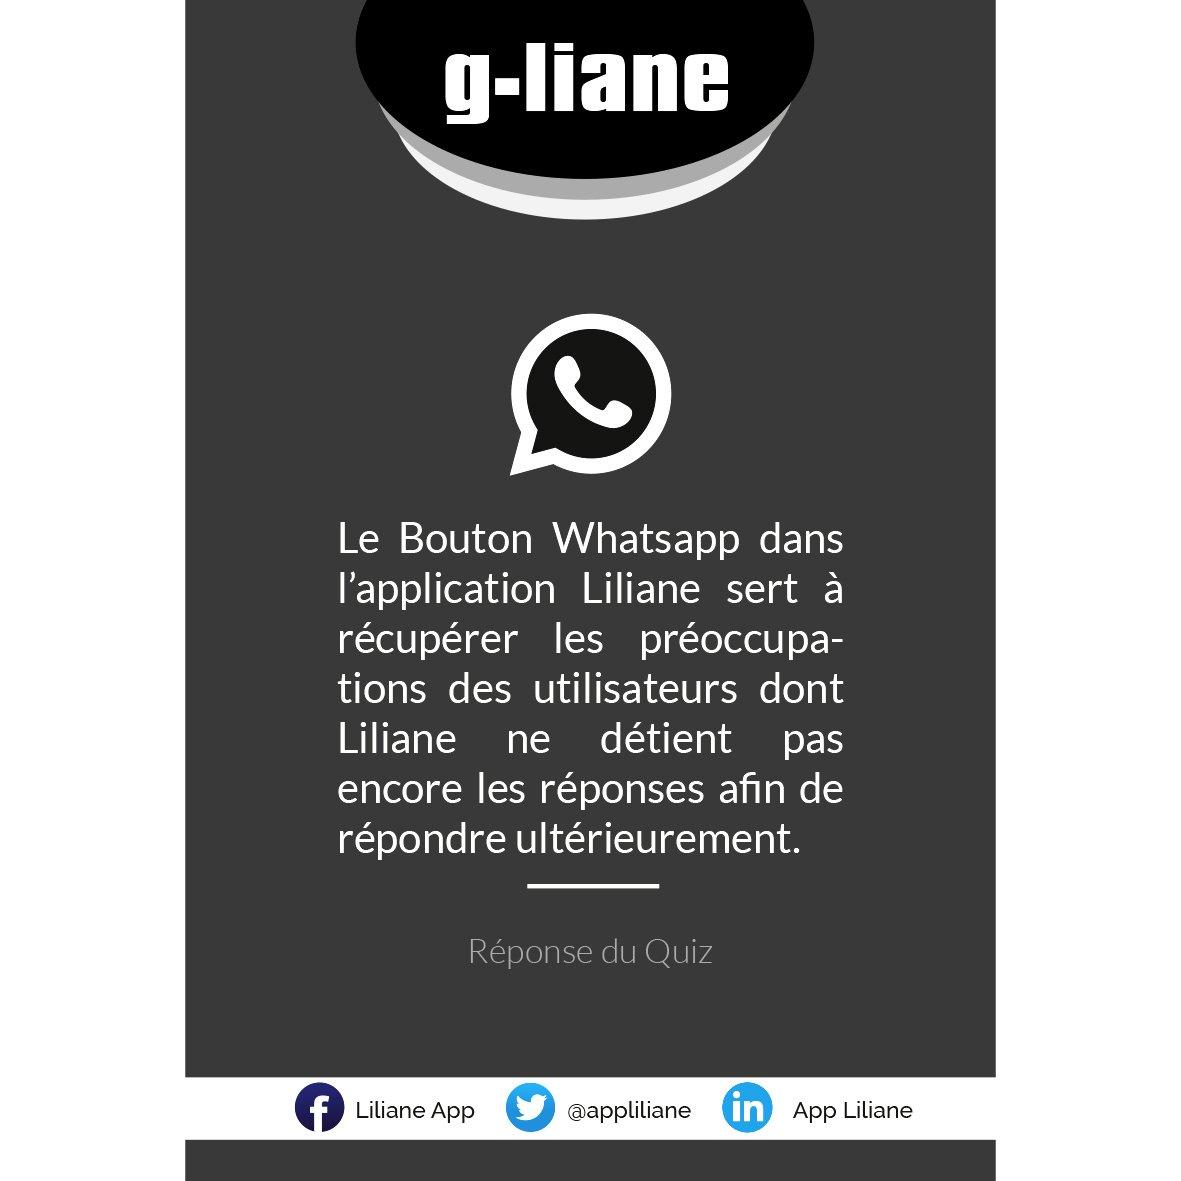 Bonjour chers tous ! Si vous avez répondu ça, c'est que vous êtes #gliane! https://t.co/m1V3bYOetb